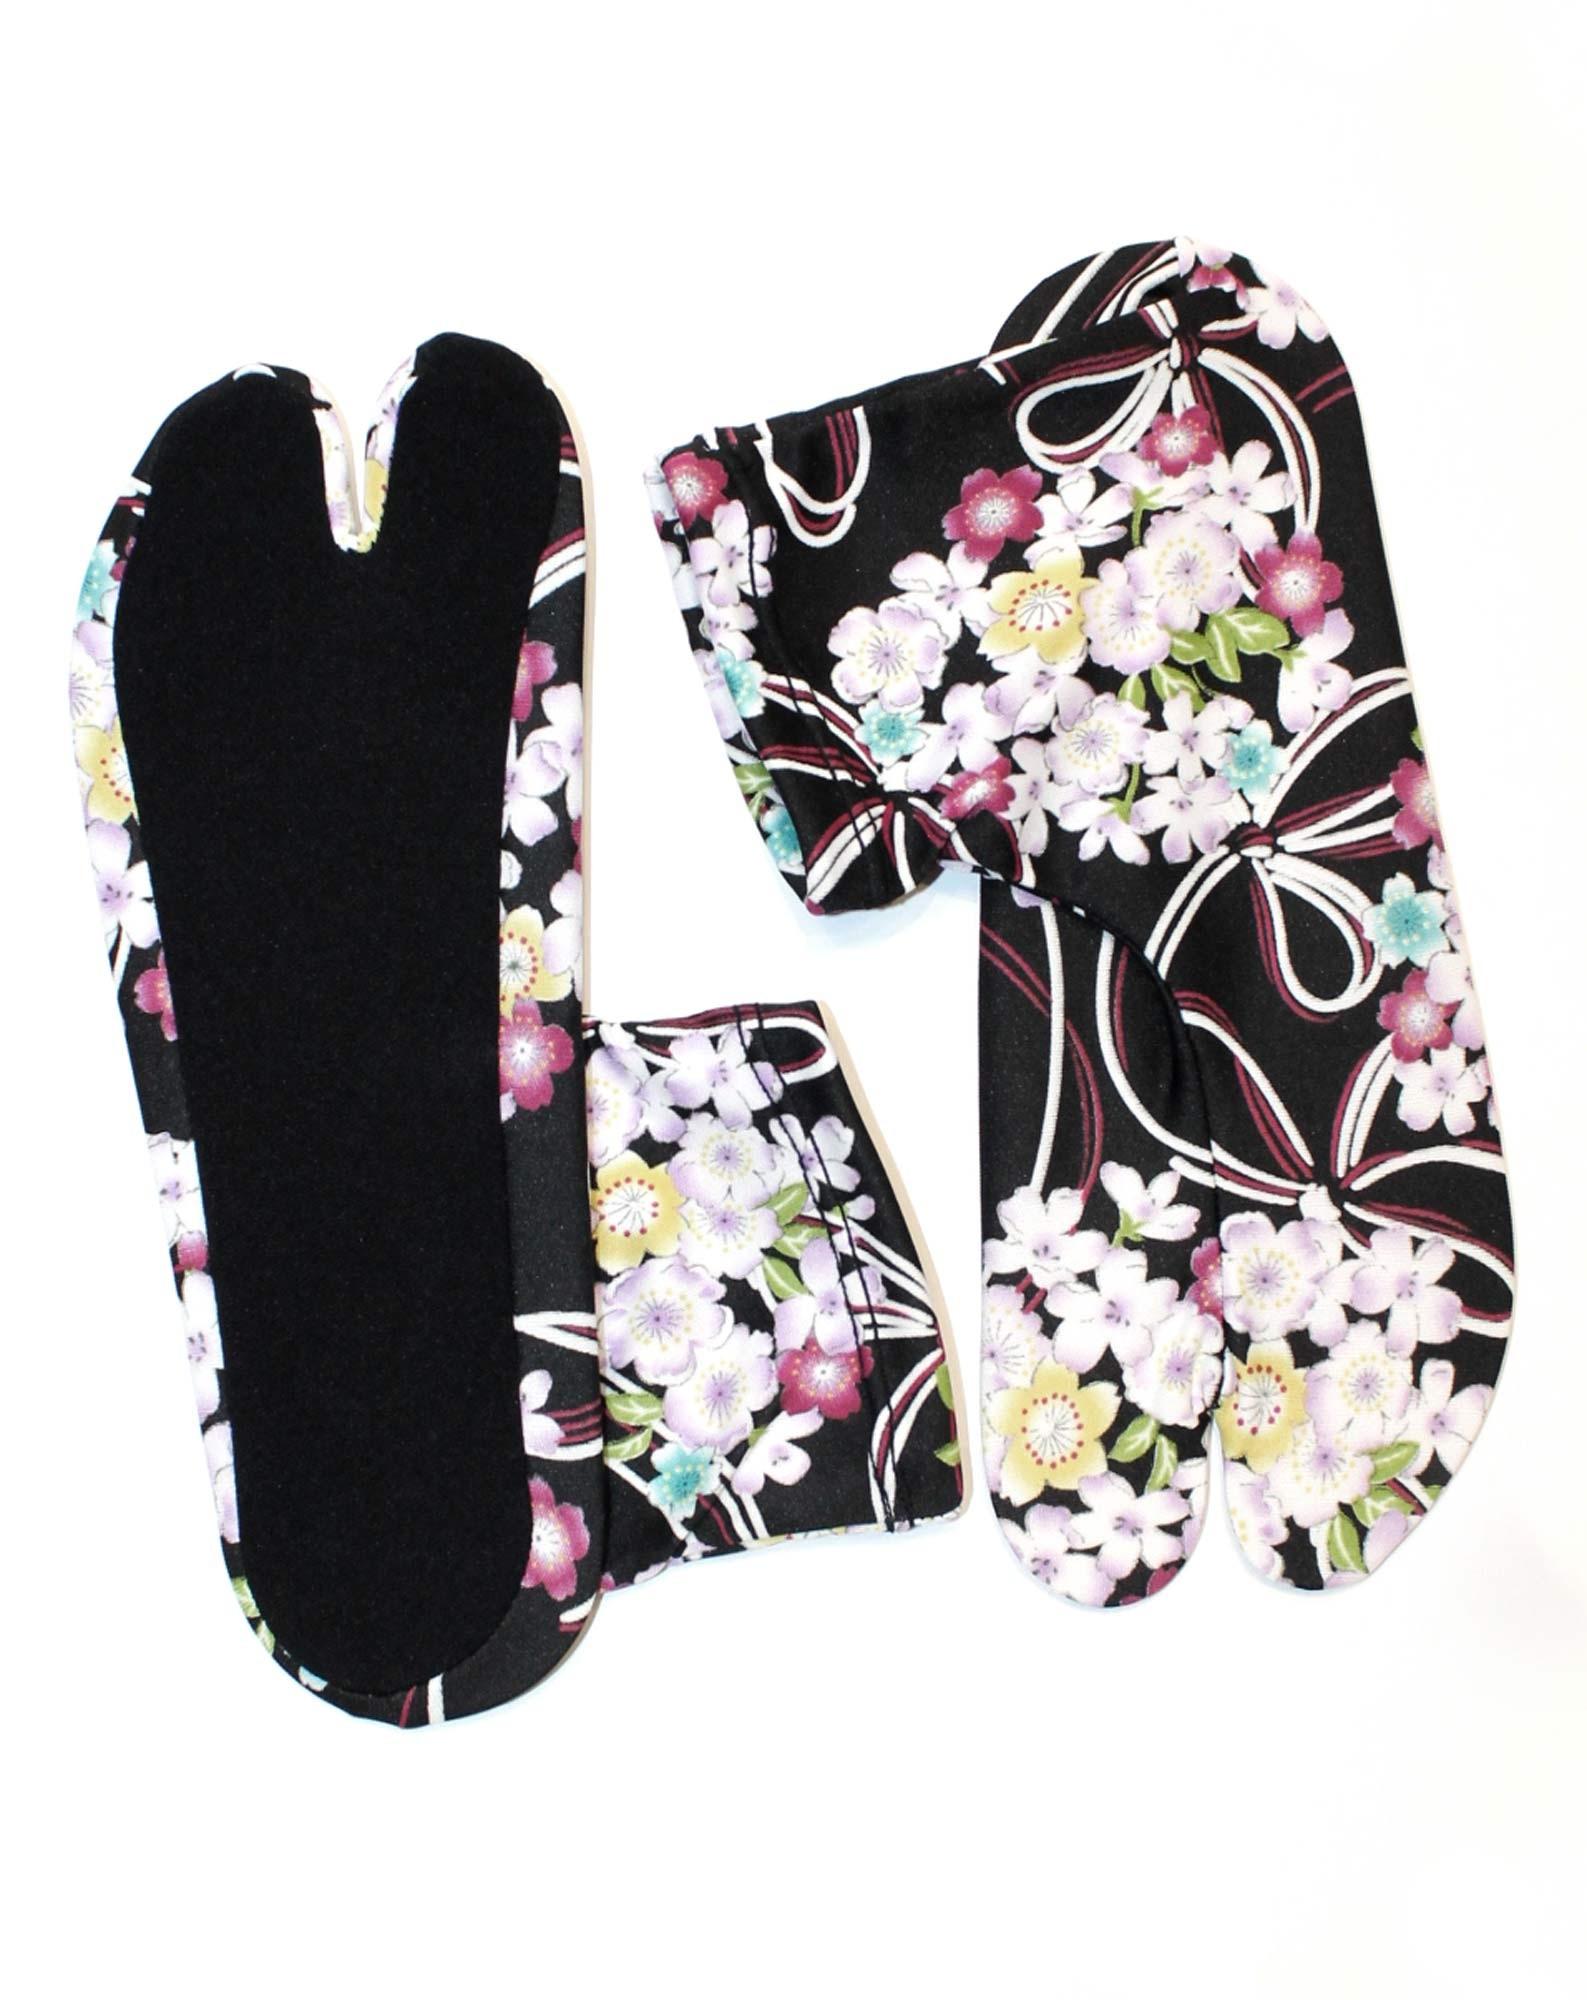 Chaussettes tabi extensibles à fleurs noires